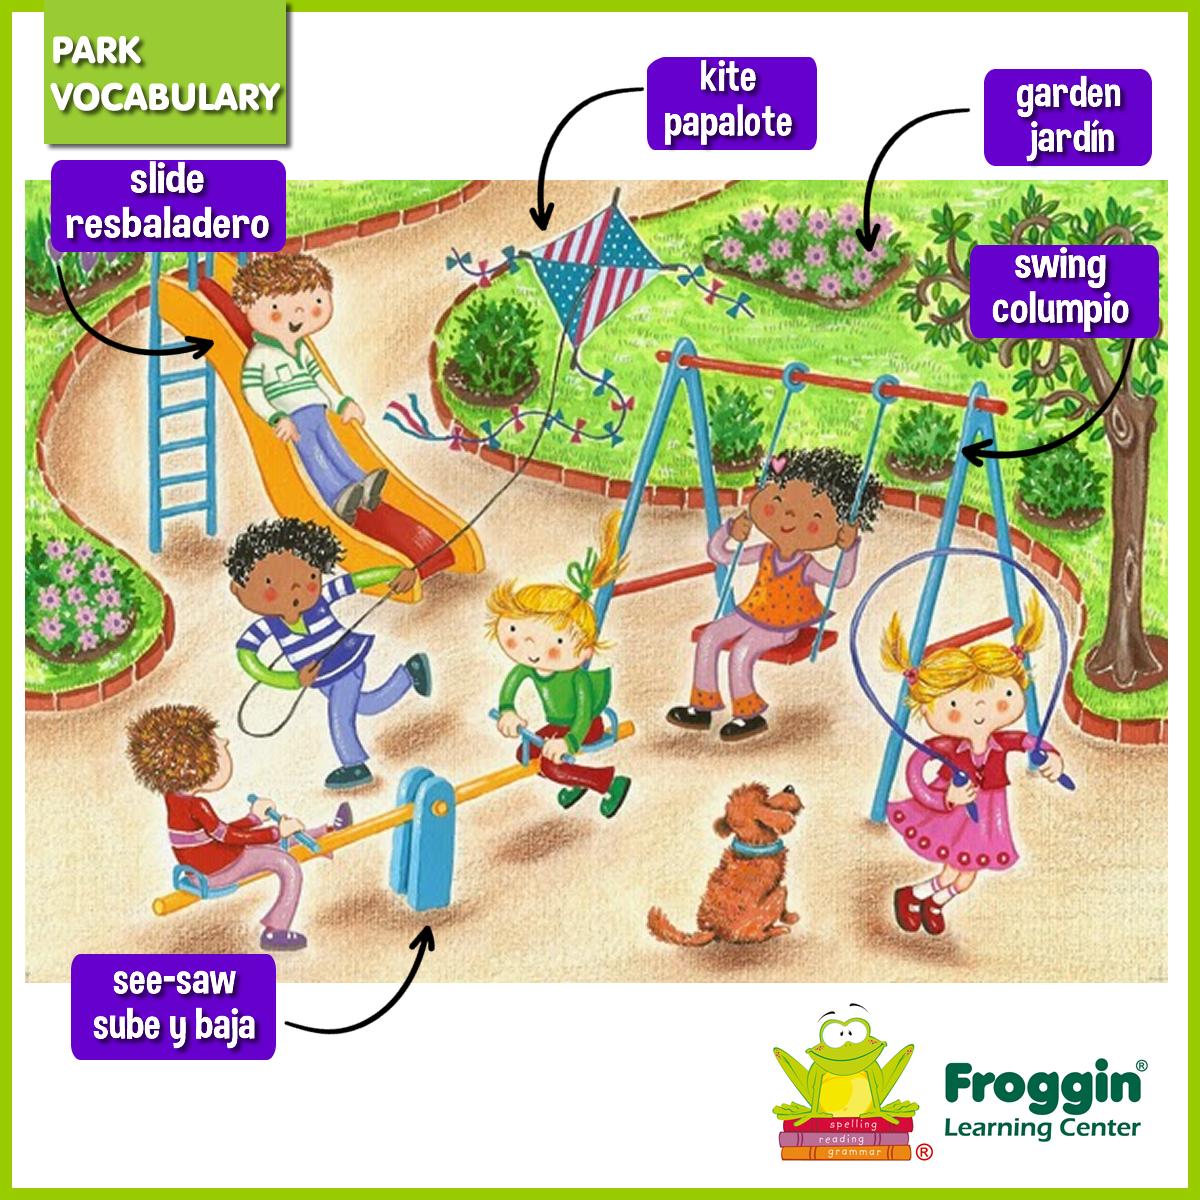 Park Vocabulary Oggin